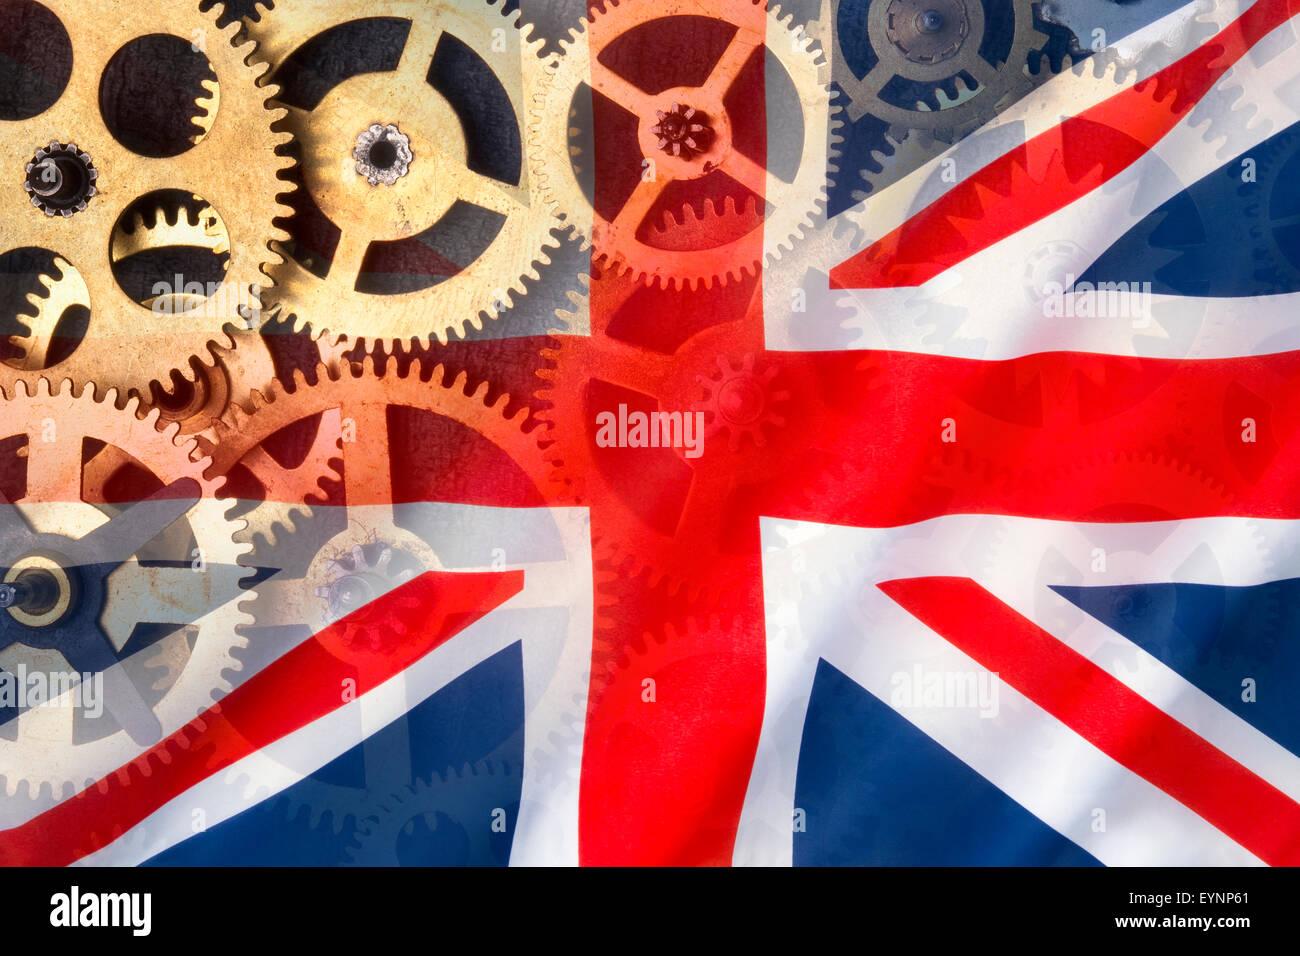 Ingeniería y fabricación británica - Bandera del Reino Unido. Imagen De Stock